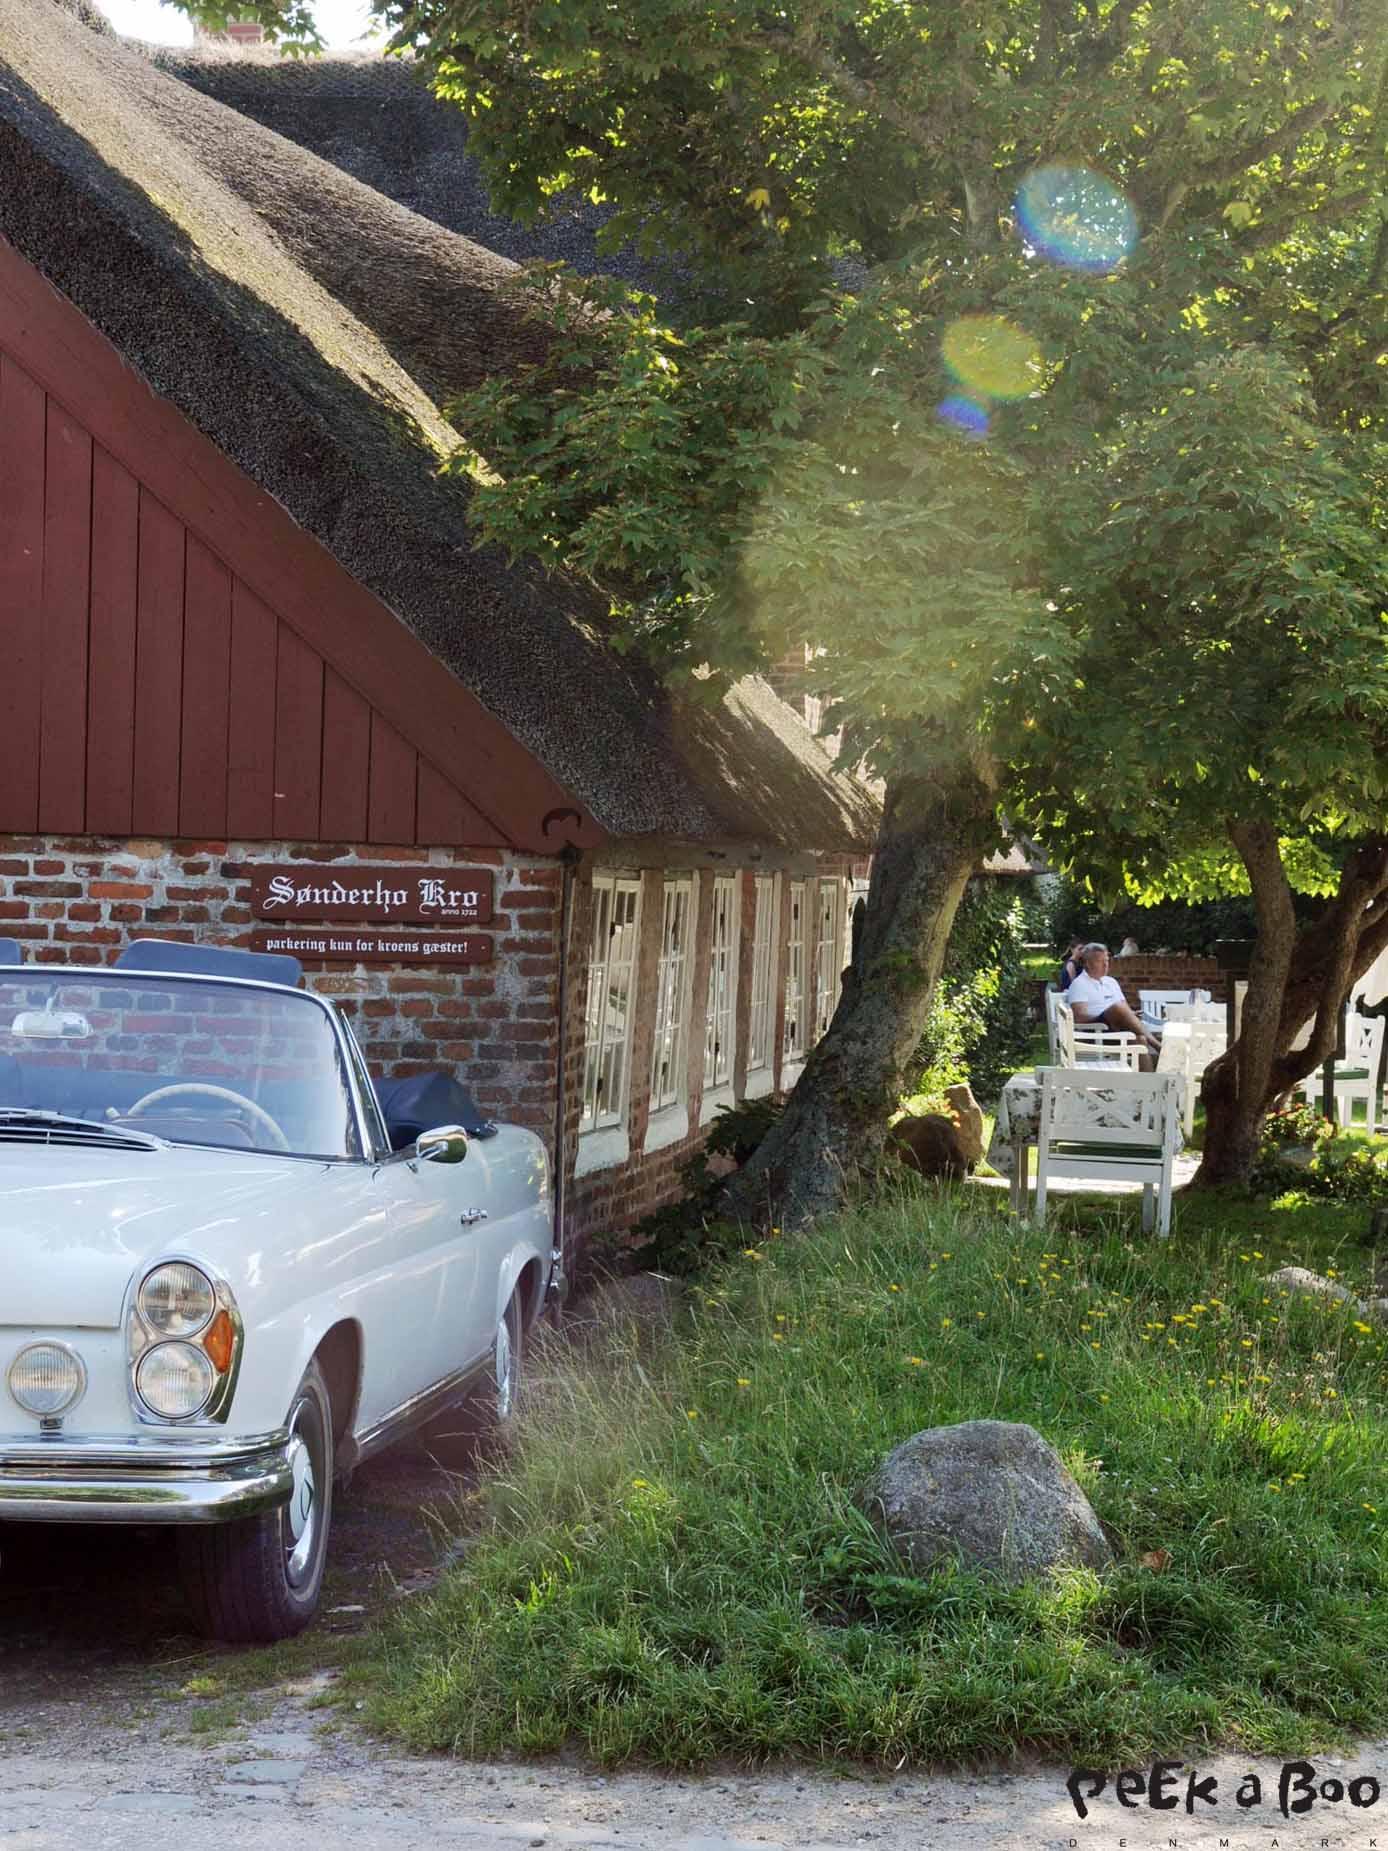 Arriving at Sønderho inn in sunshine.